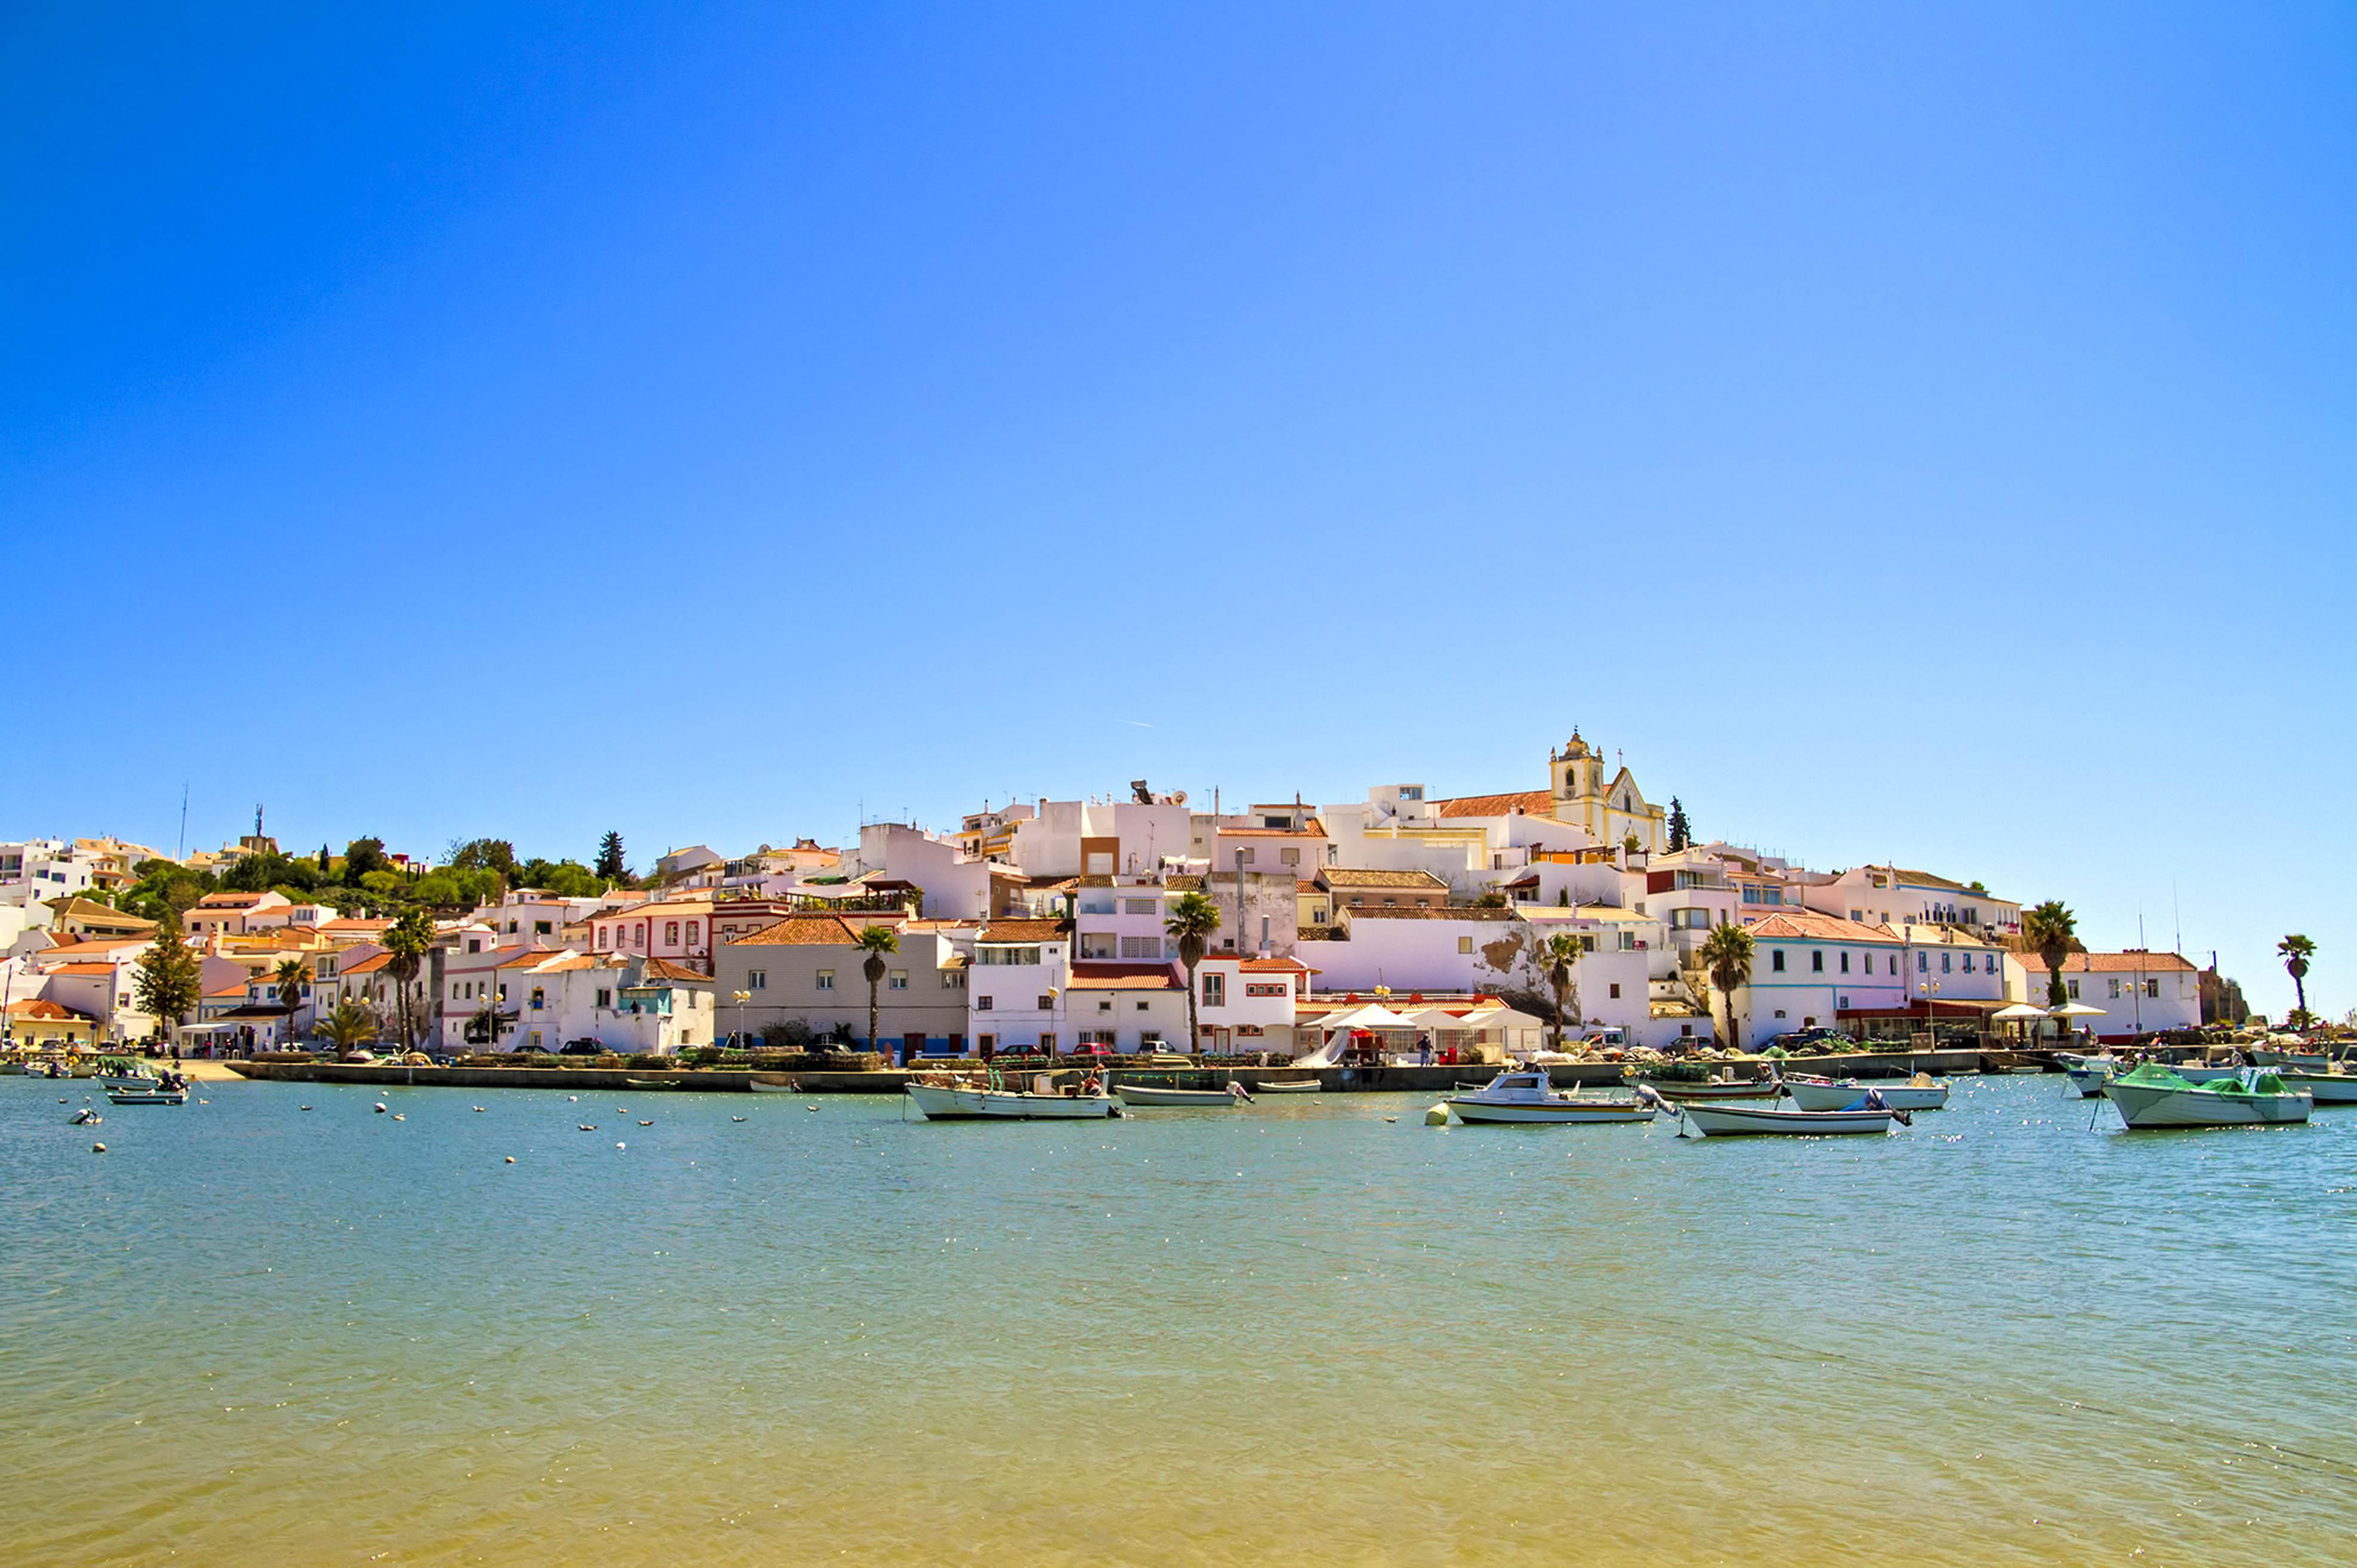 #075DC422214752 Heerlijke Streek De Algarve Holidayguru.nl Meest effectief Luxe Vakantie Portugal 3705 behang 395026283705 afbeeldingen